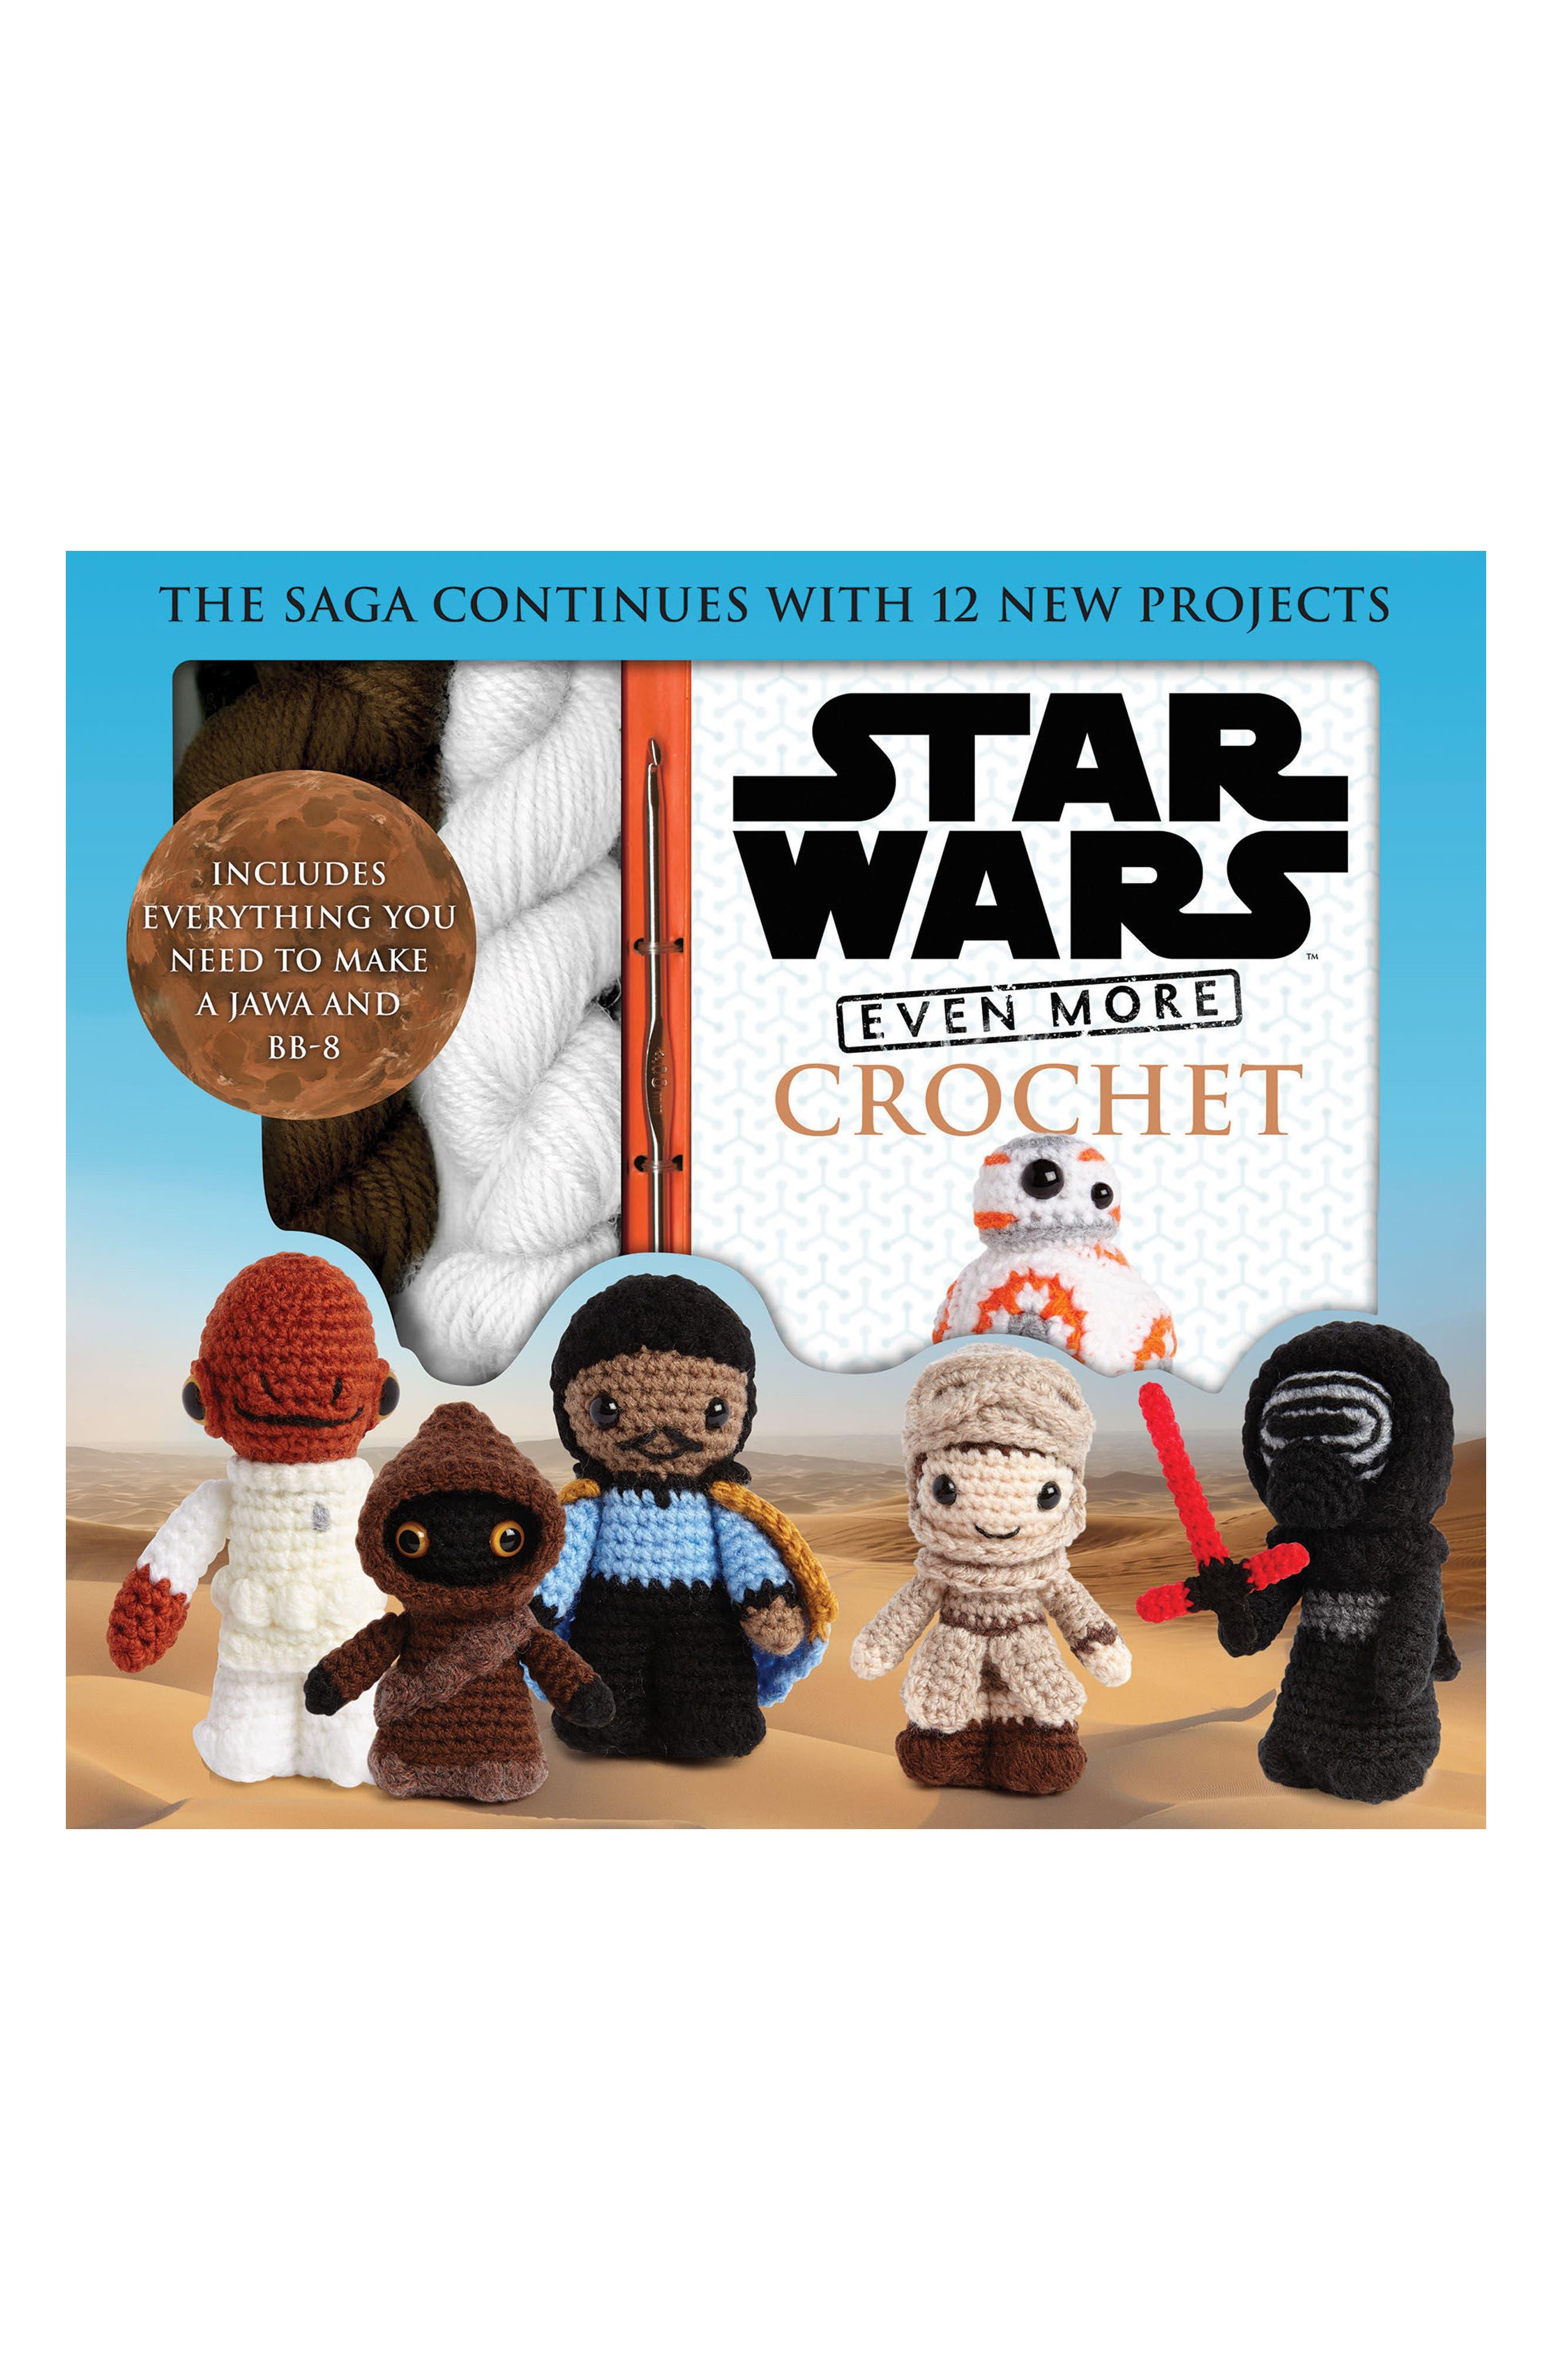 Alternate Image 1 Selected - Thunder Bay Press Star Wars Even More Crochet Book & Kit